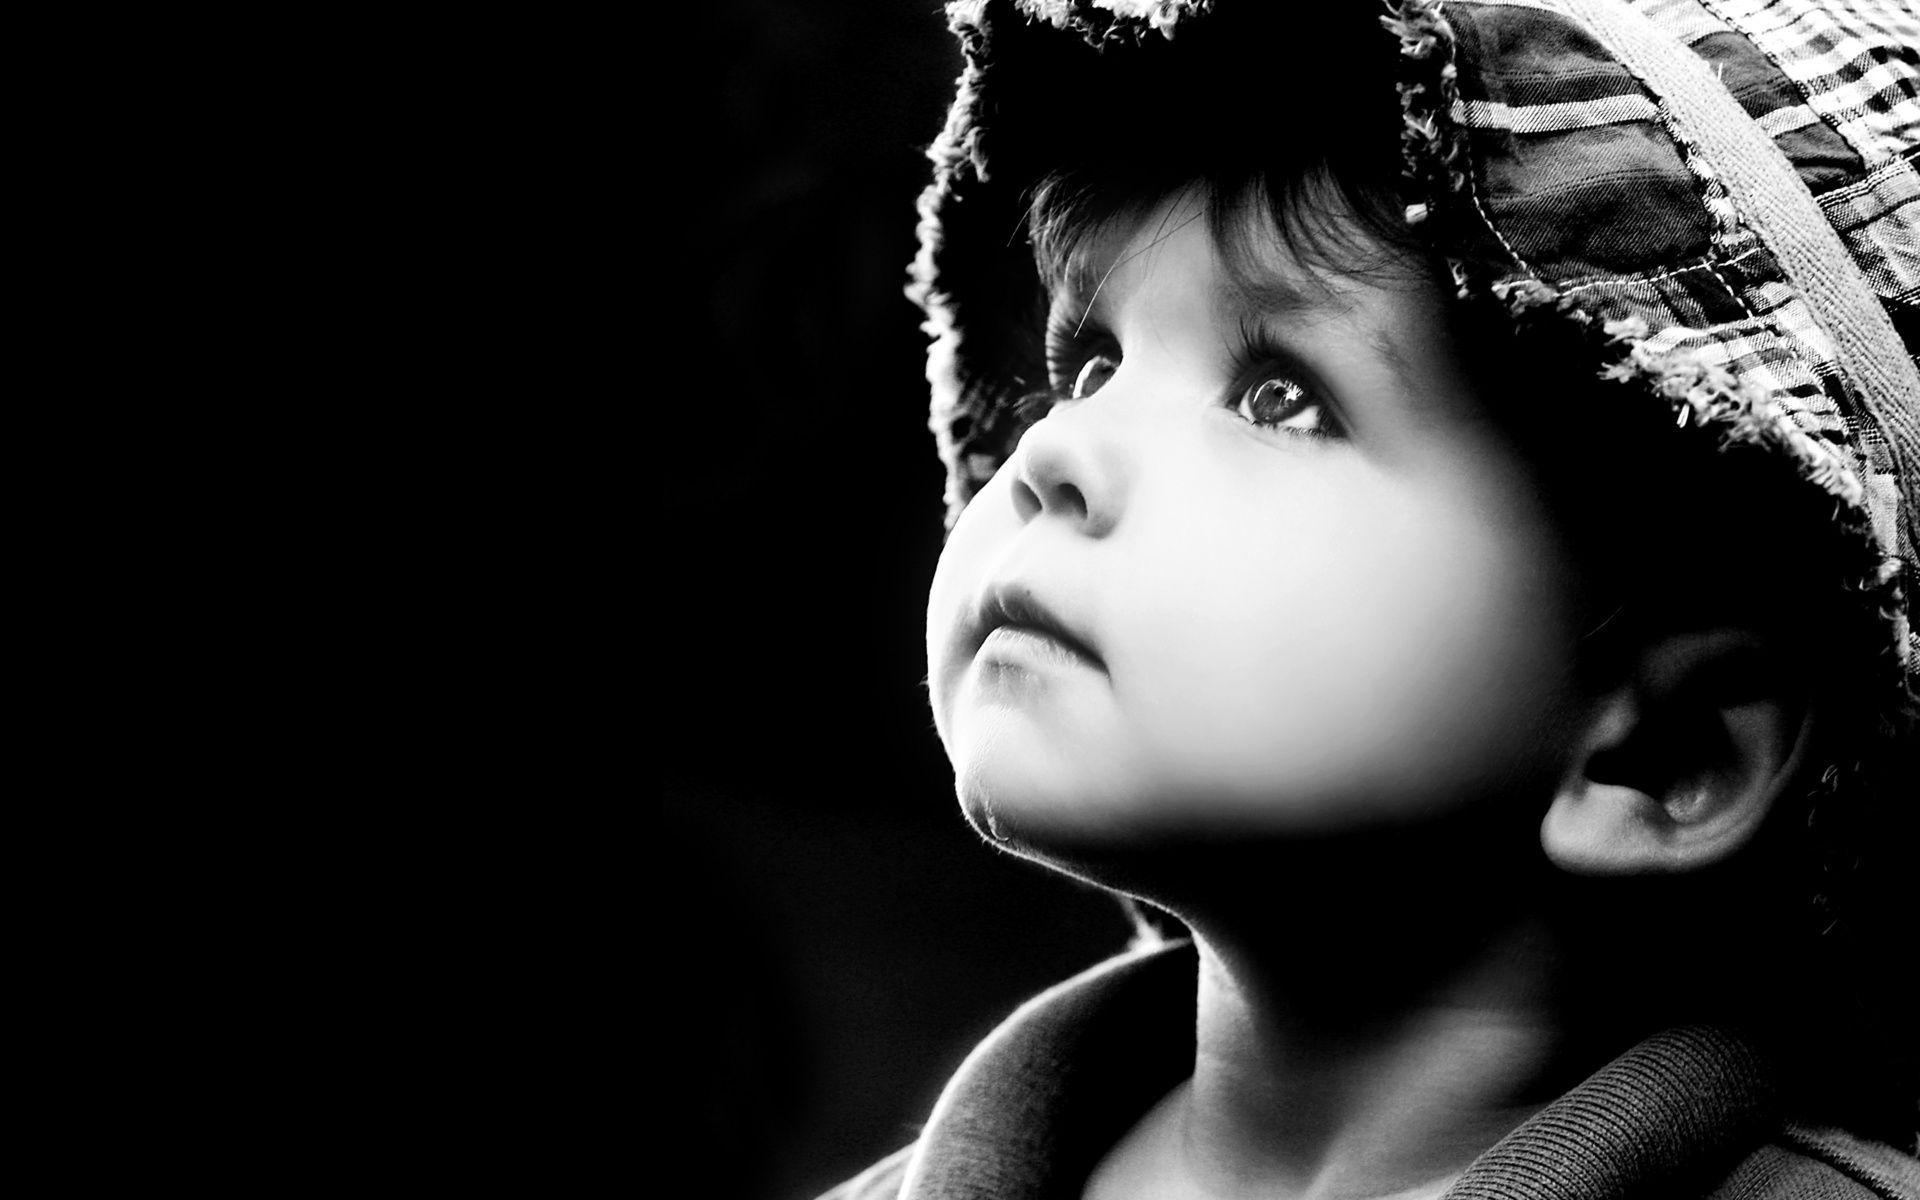 Fonds D Ecran Bebe Et Enfants En Noir Et Blanc Maximumwallhd Noir Et Blanc Fond Ecran Photo Noir Et Blanc